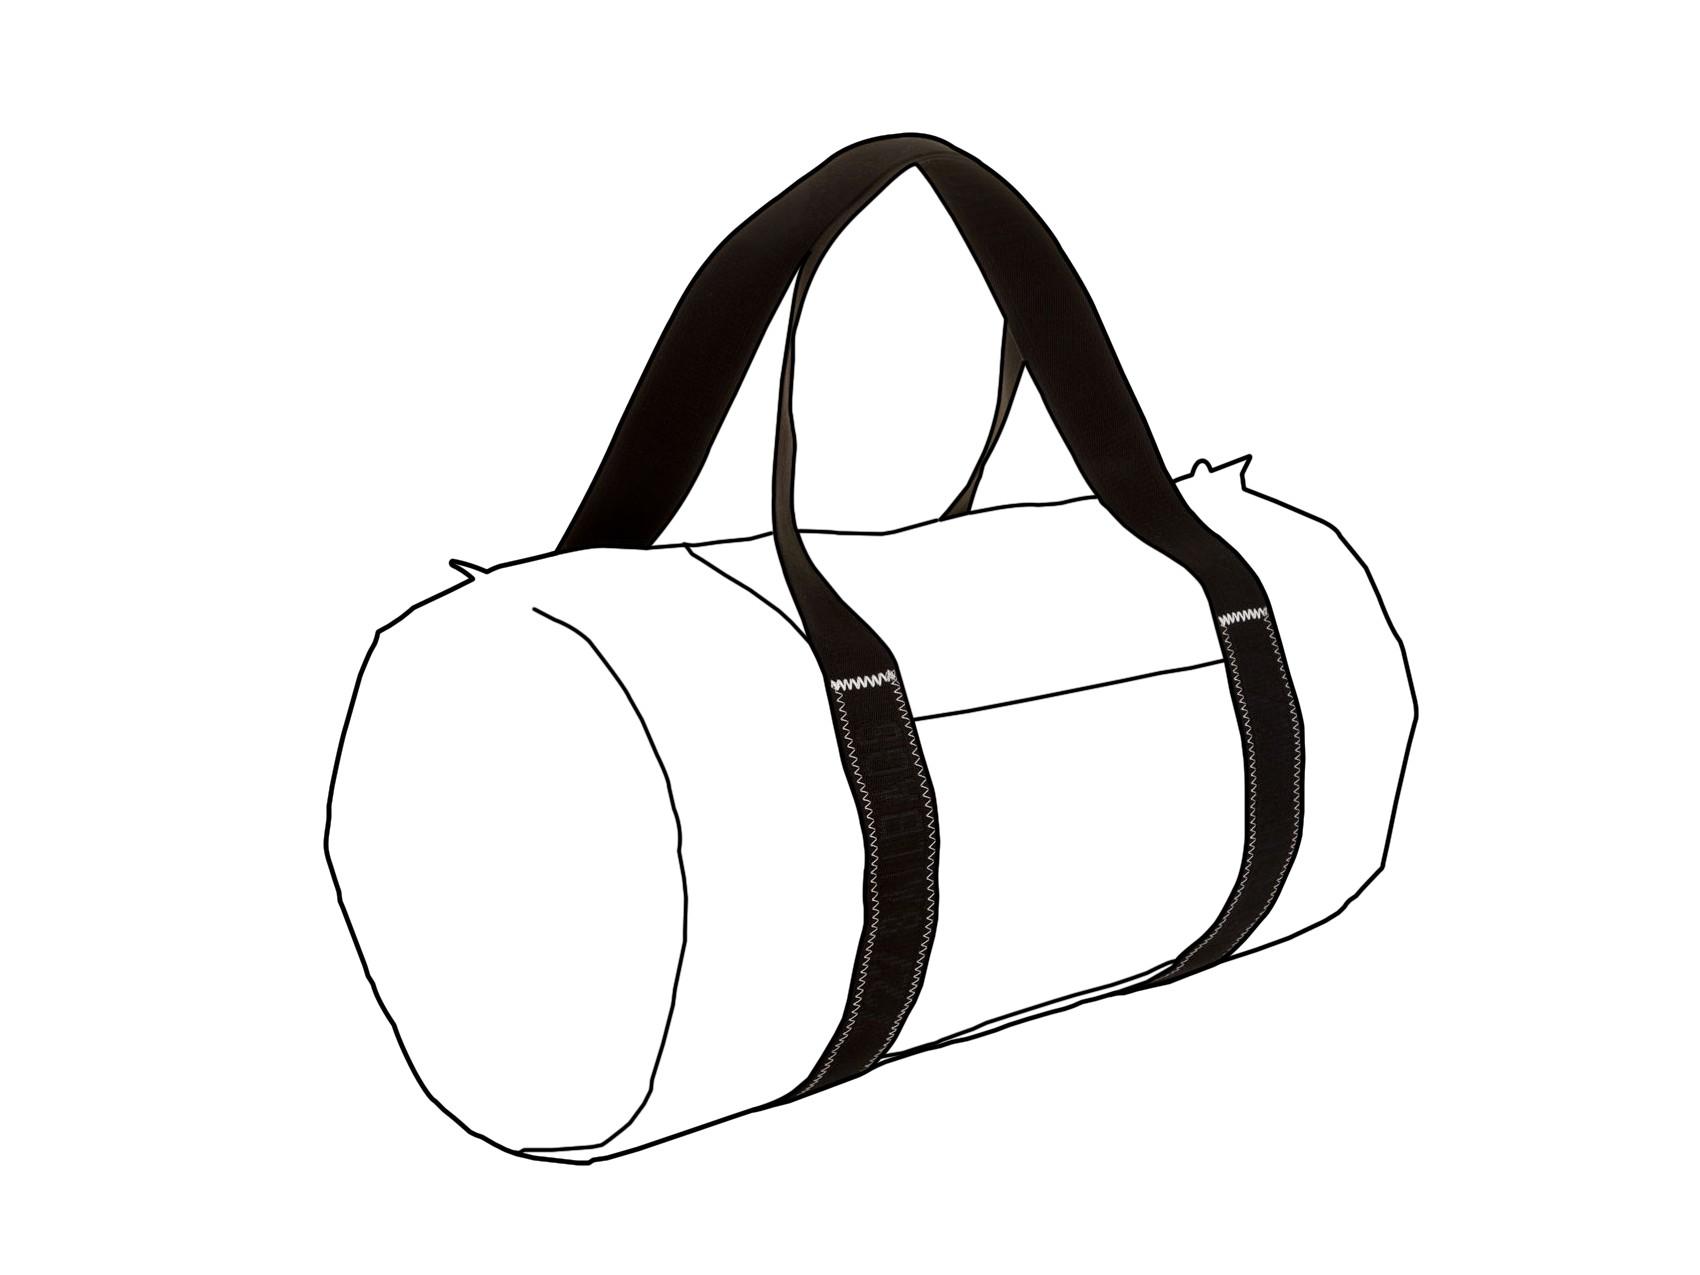 1700x1275 Duffel Bag Onshore